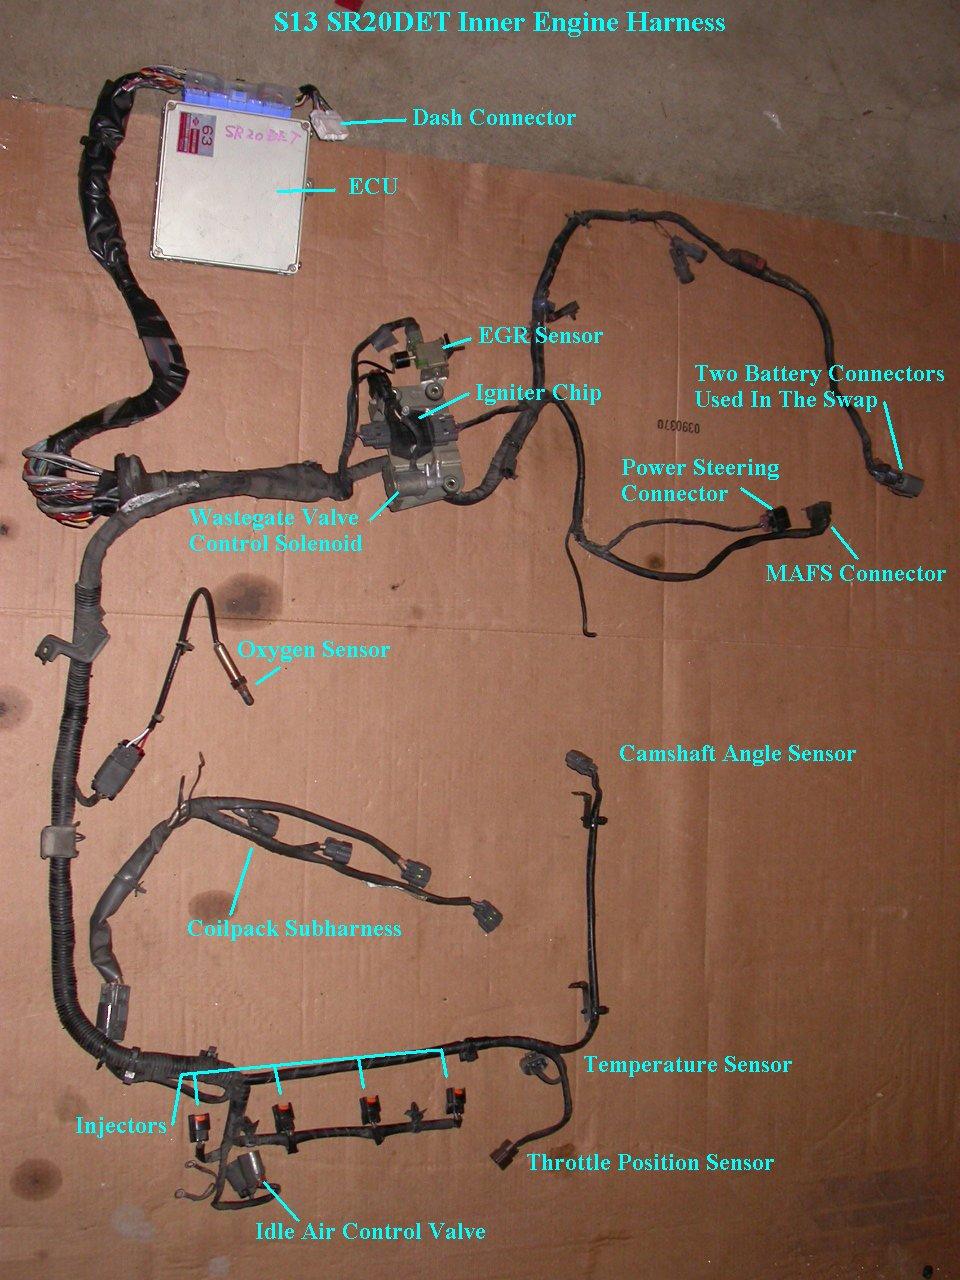 ED_9875] Sr20Det Engine Wiring HarnessBedr Sapebe Mohammedshrine Librar Wiring 101